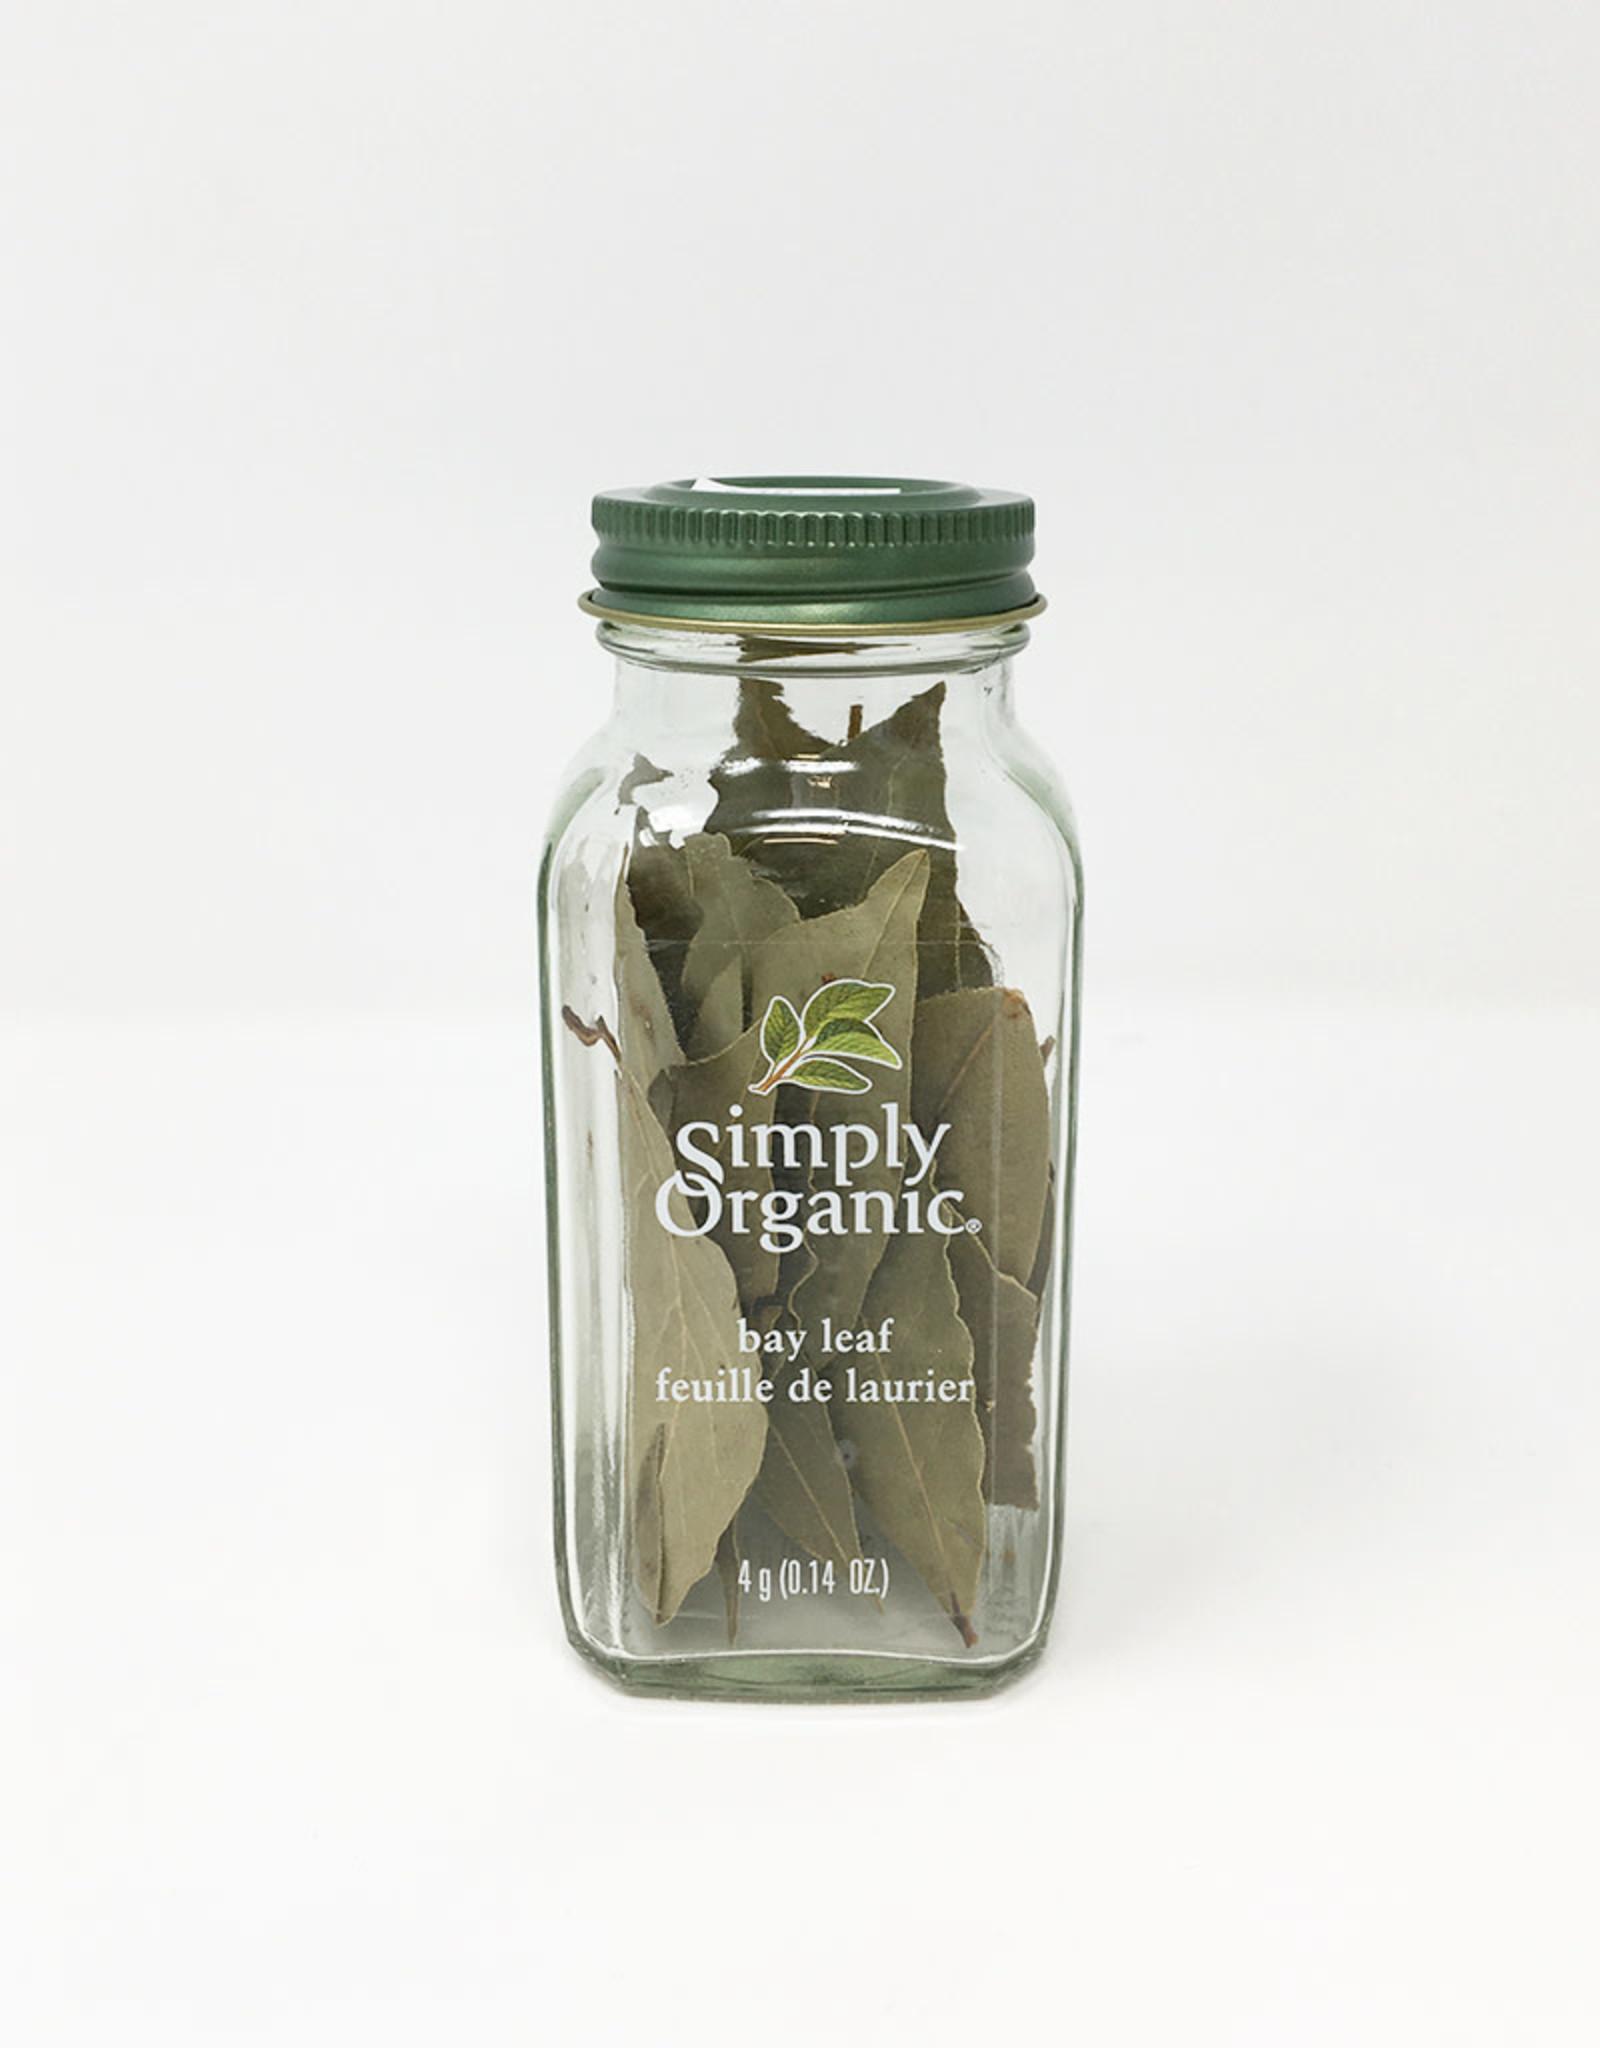 Simply Organic Simply Organic - Bay Leaf (4g)